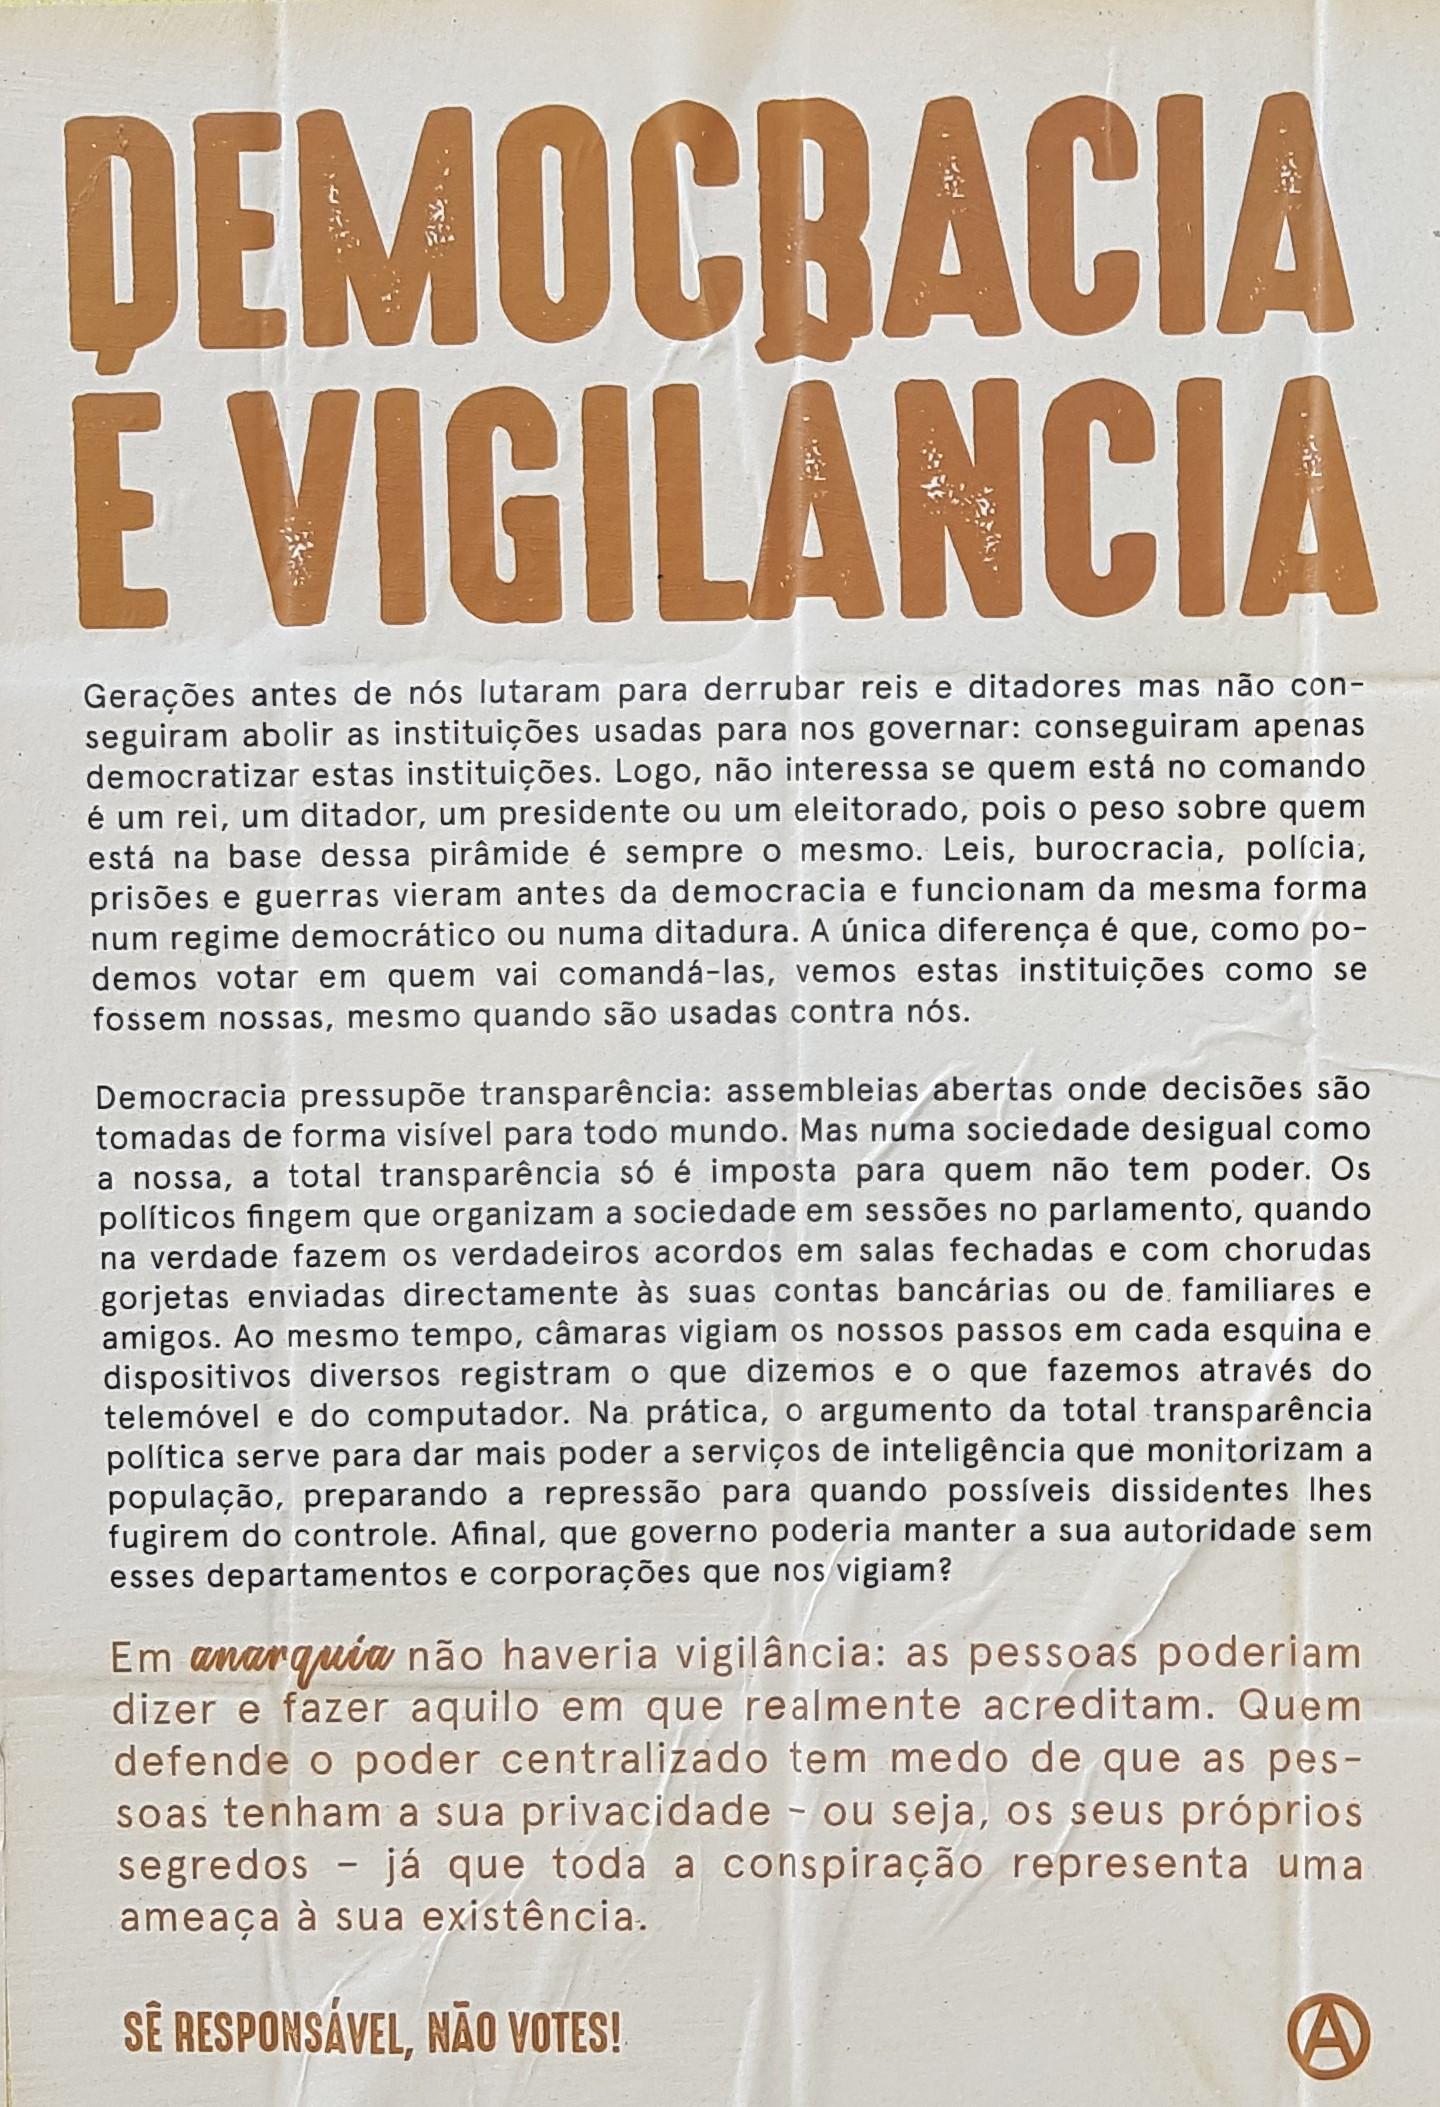 Anarquista_20190916_153811 – Cópia